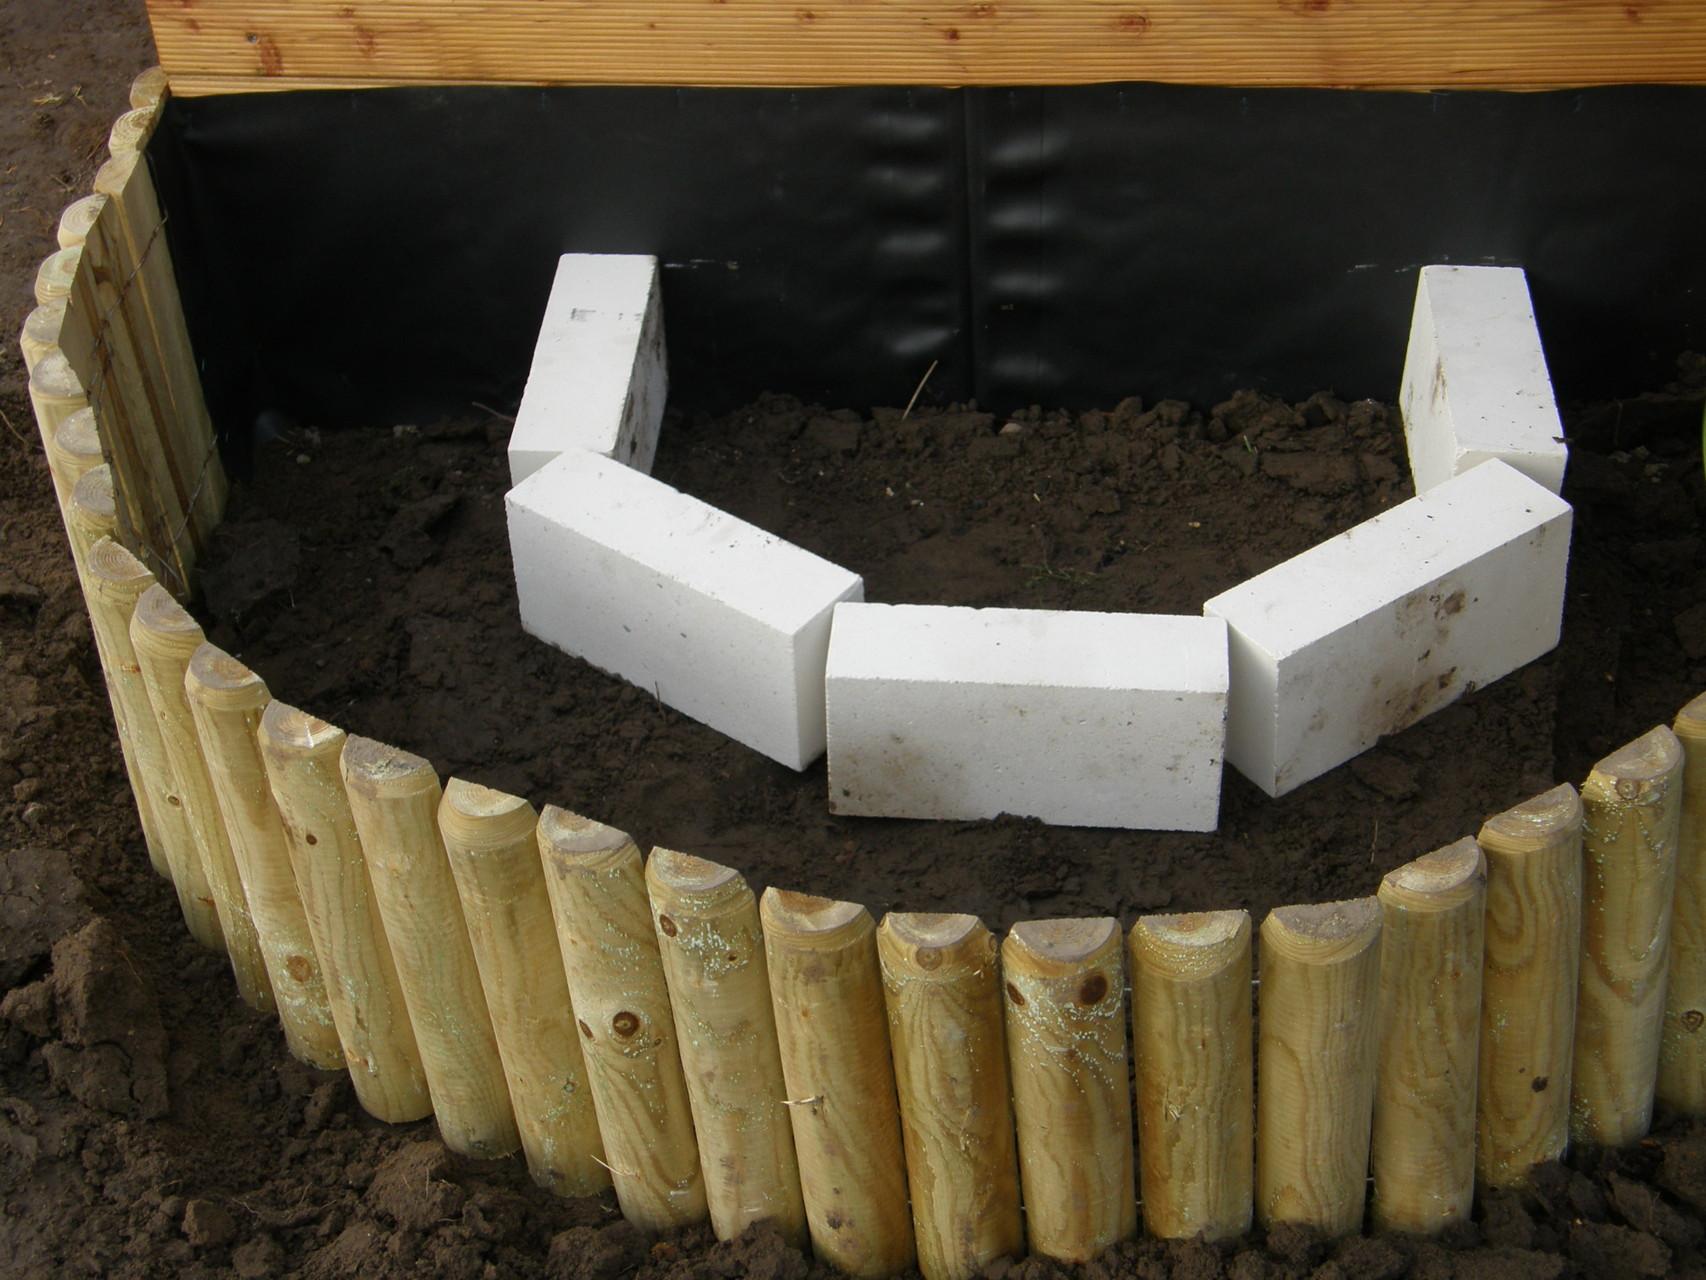 5. Kalksandsteine sind das Fundament für die obere Etage